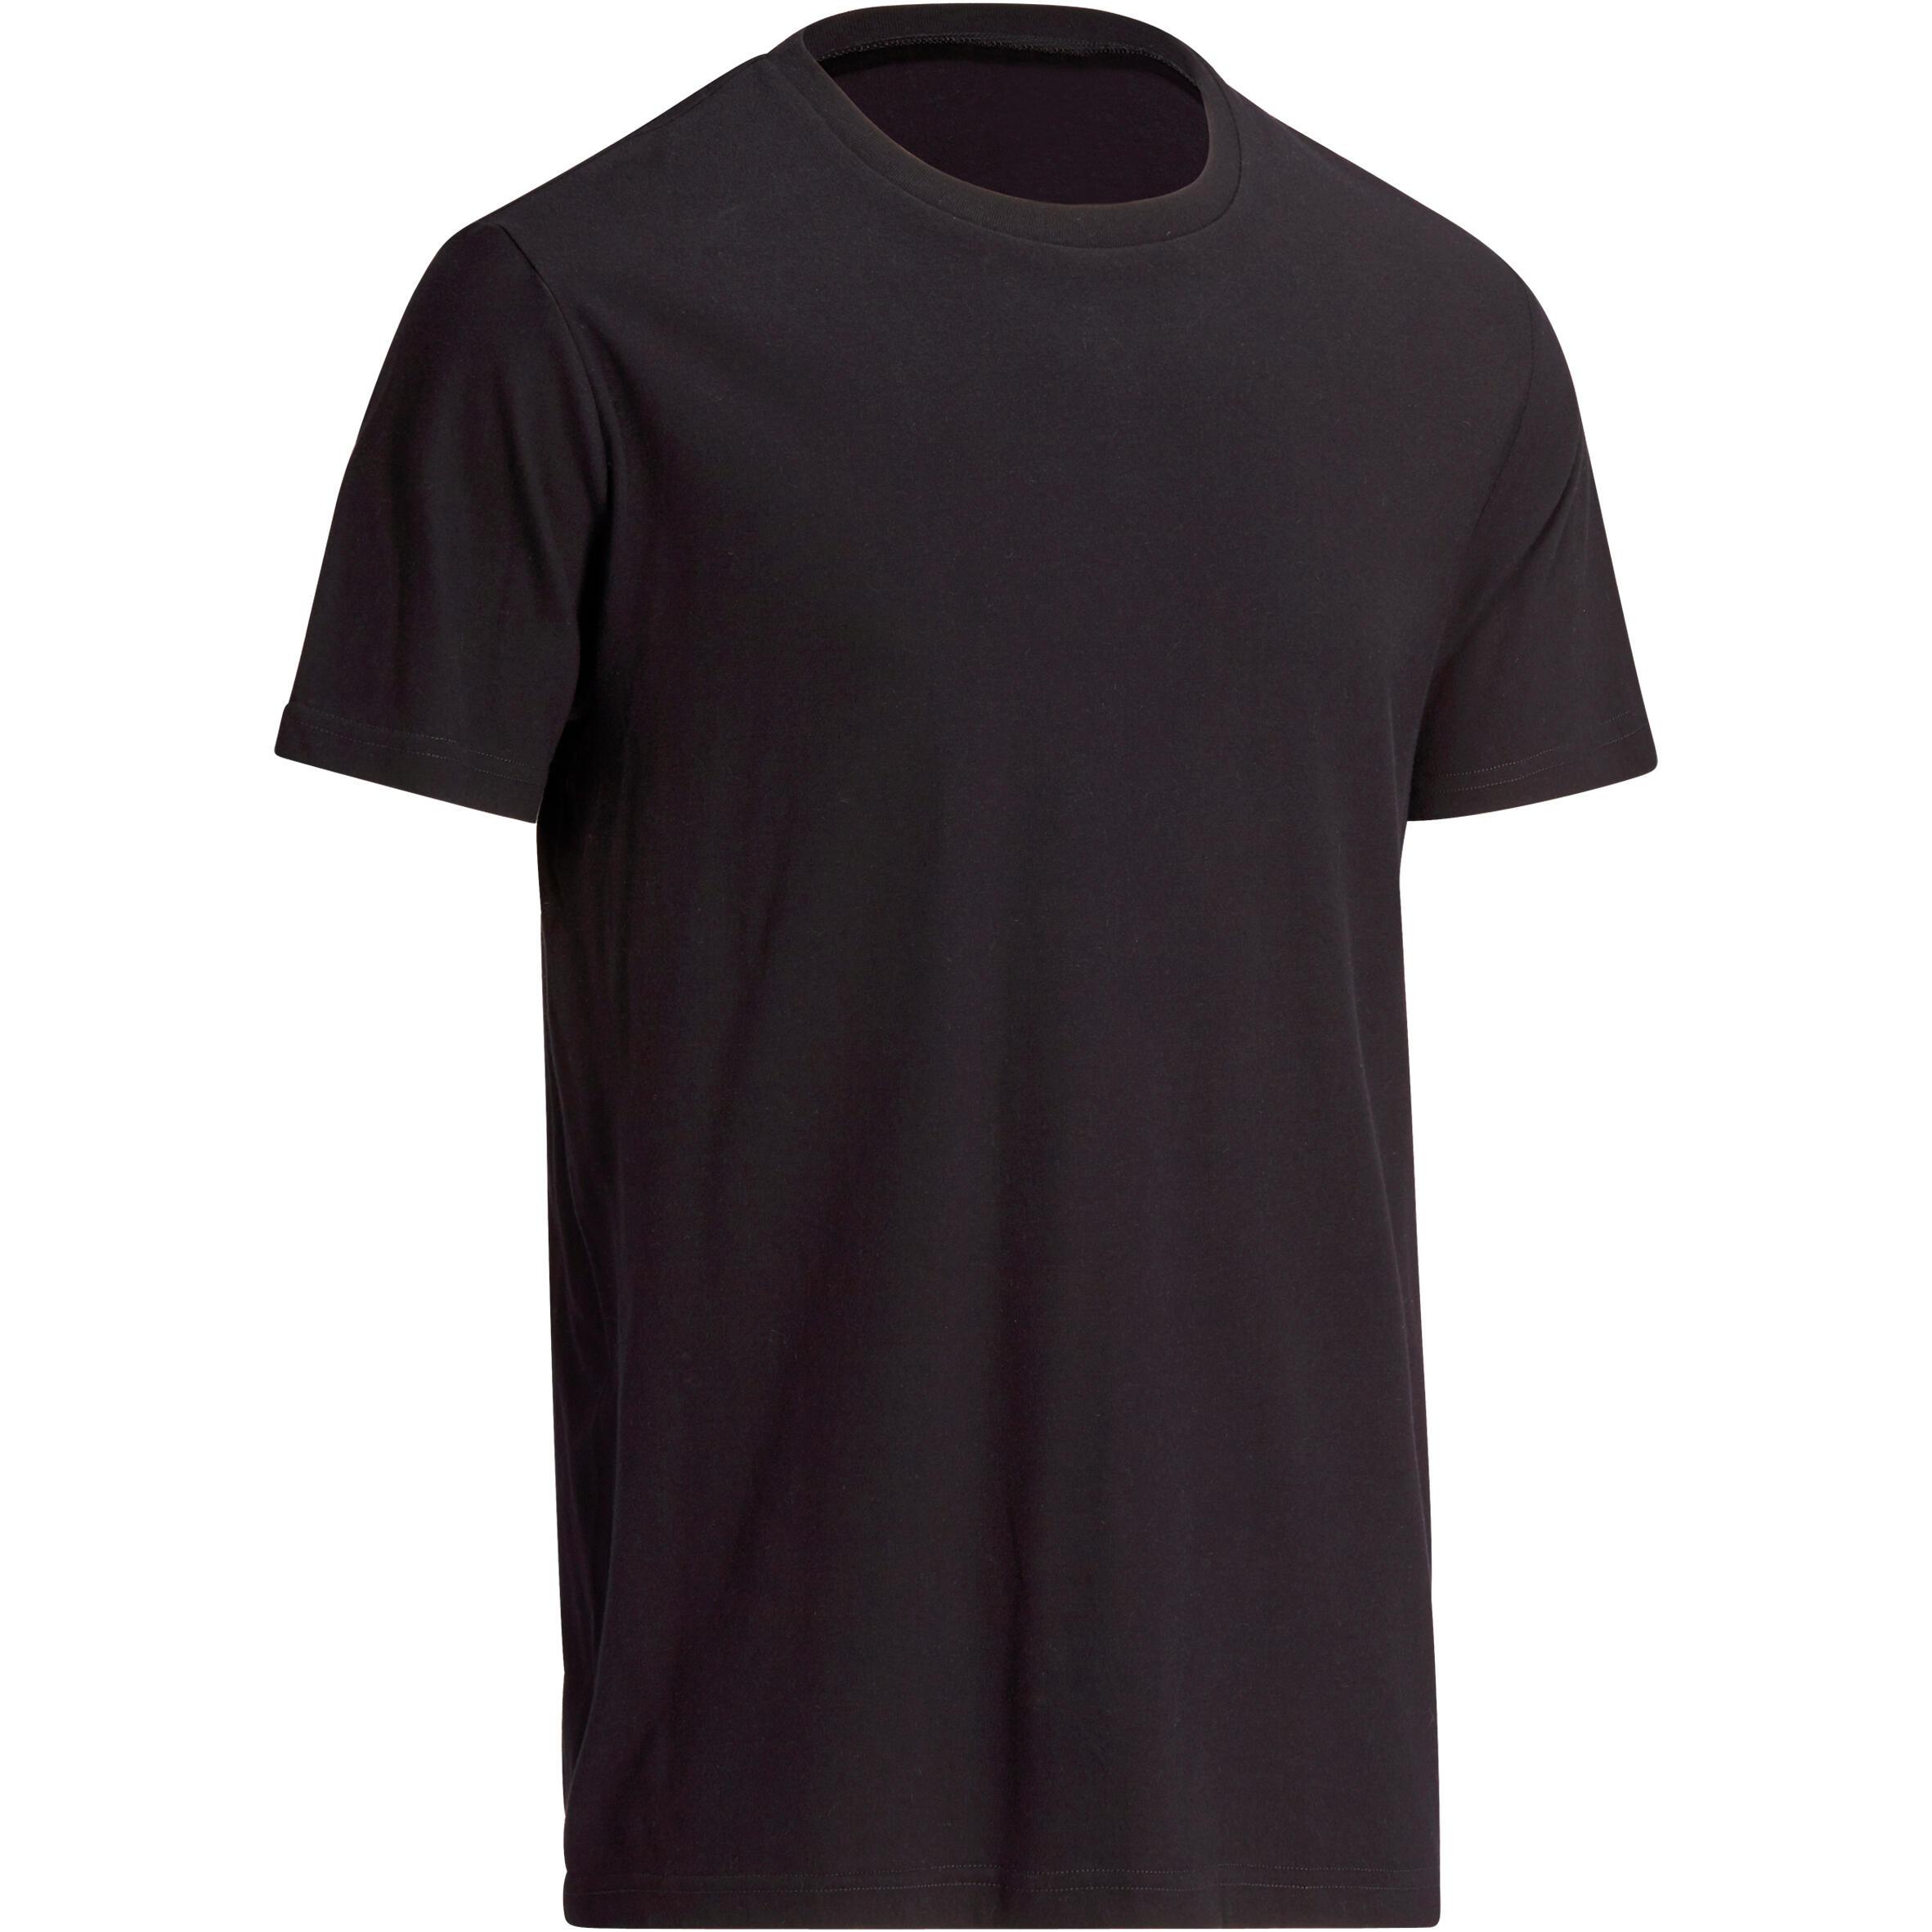 4c8823838f863 Comprar Camisetas de Deportivas y Técnicas para Hombre | Decathlon